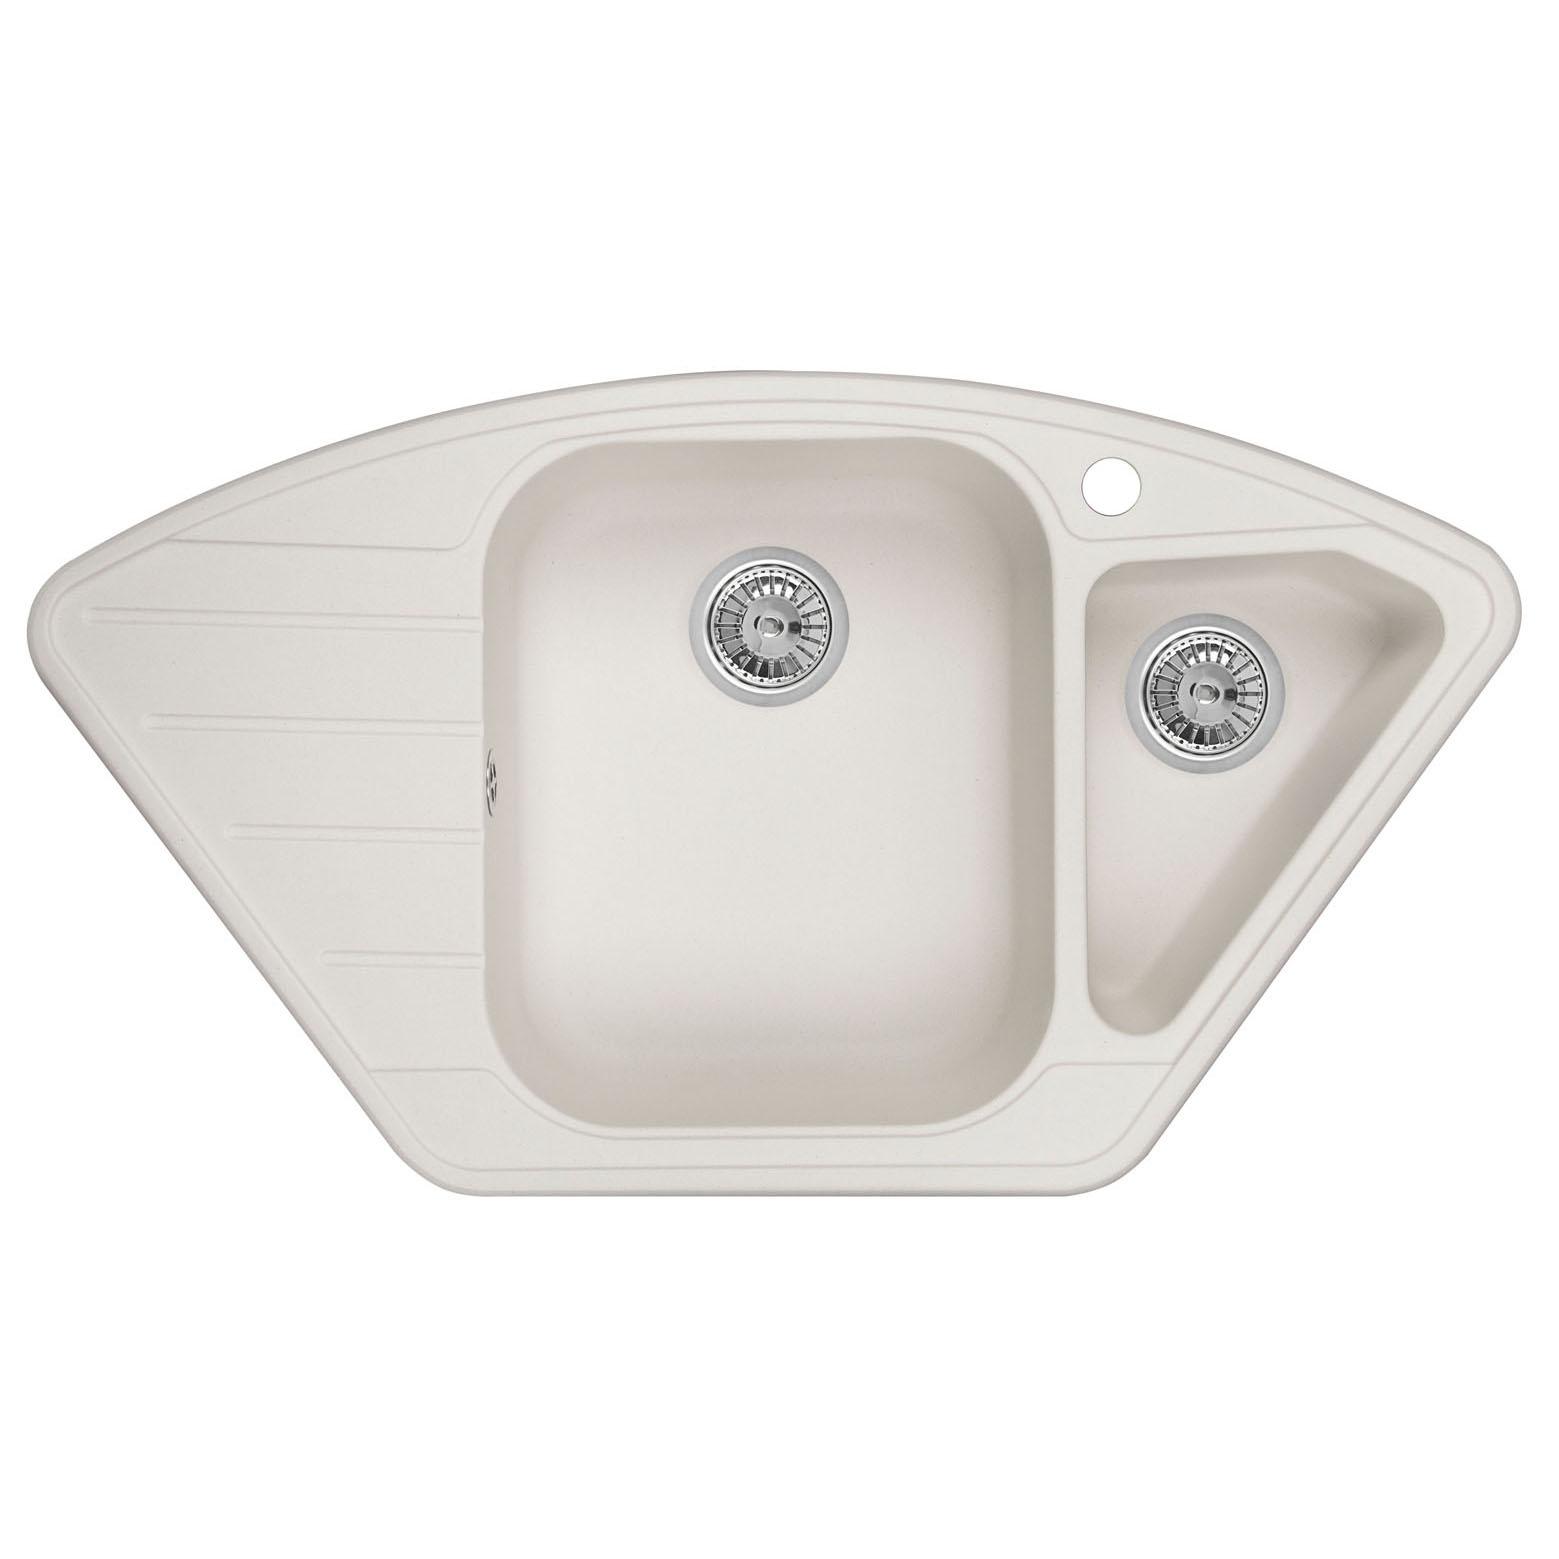 Кухонная мойка Granula GR-9101 890х490 арктик кухонная мойка teka centroval mic